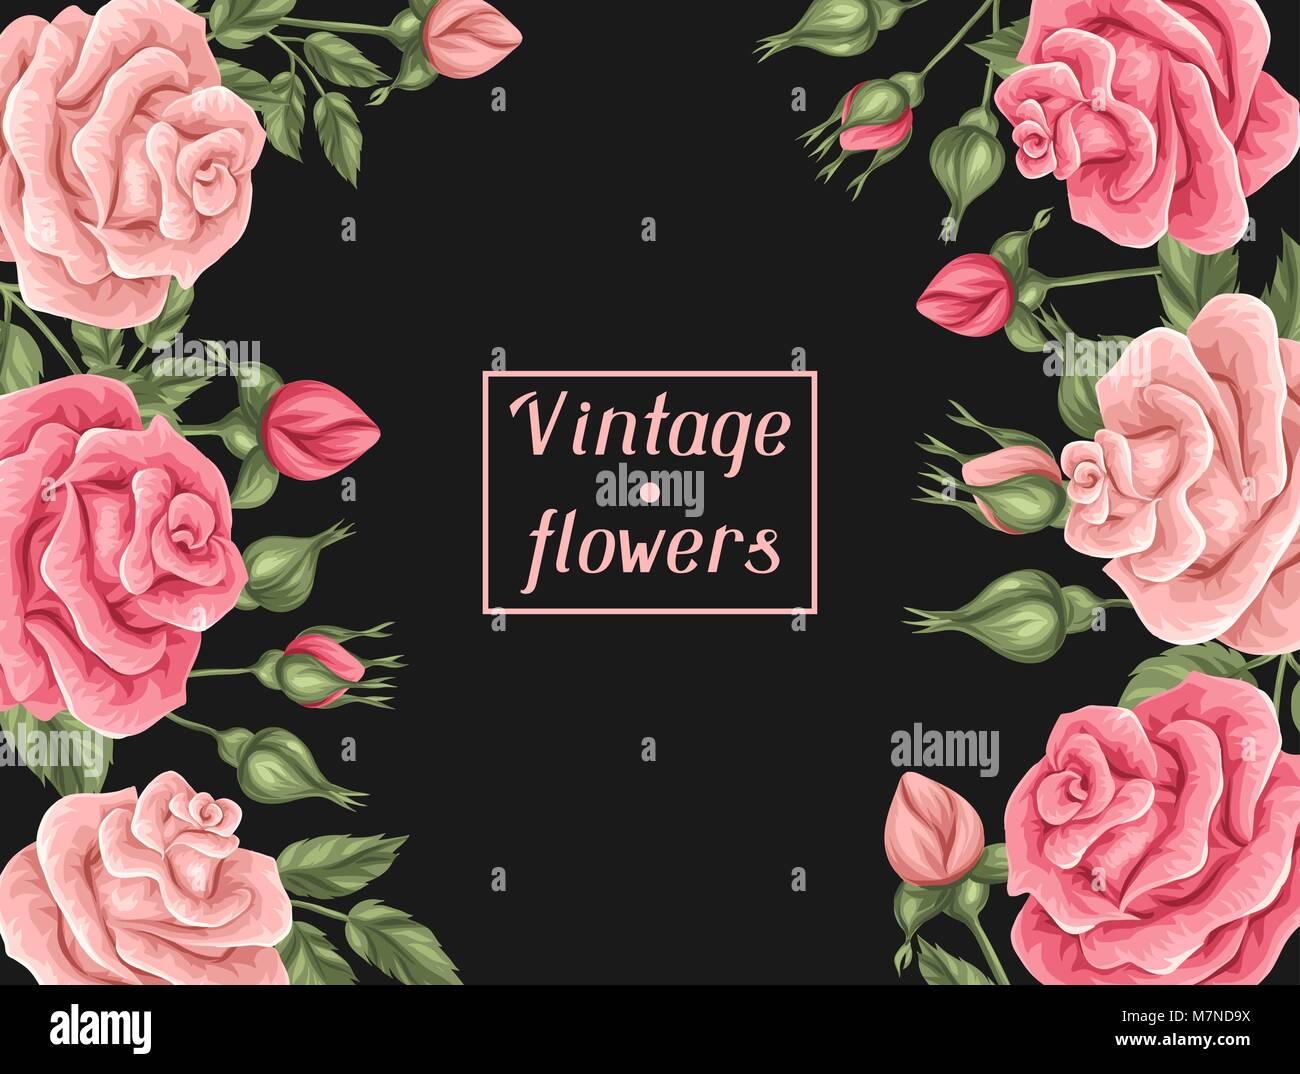 Fondo Con Vintage Roses Retro Decorativas Flores Imagen